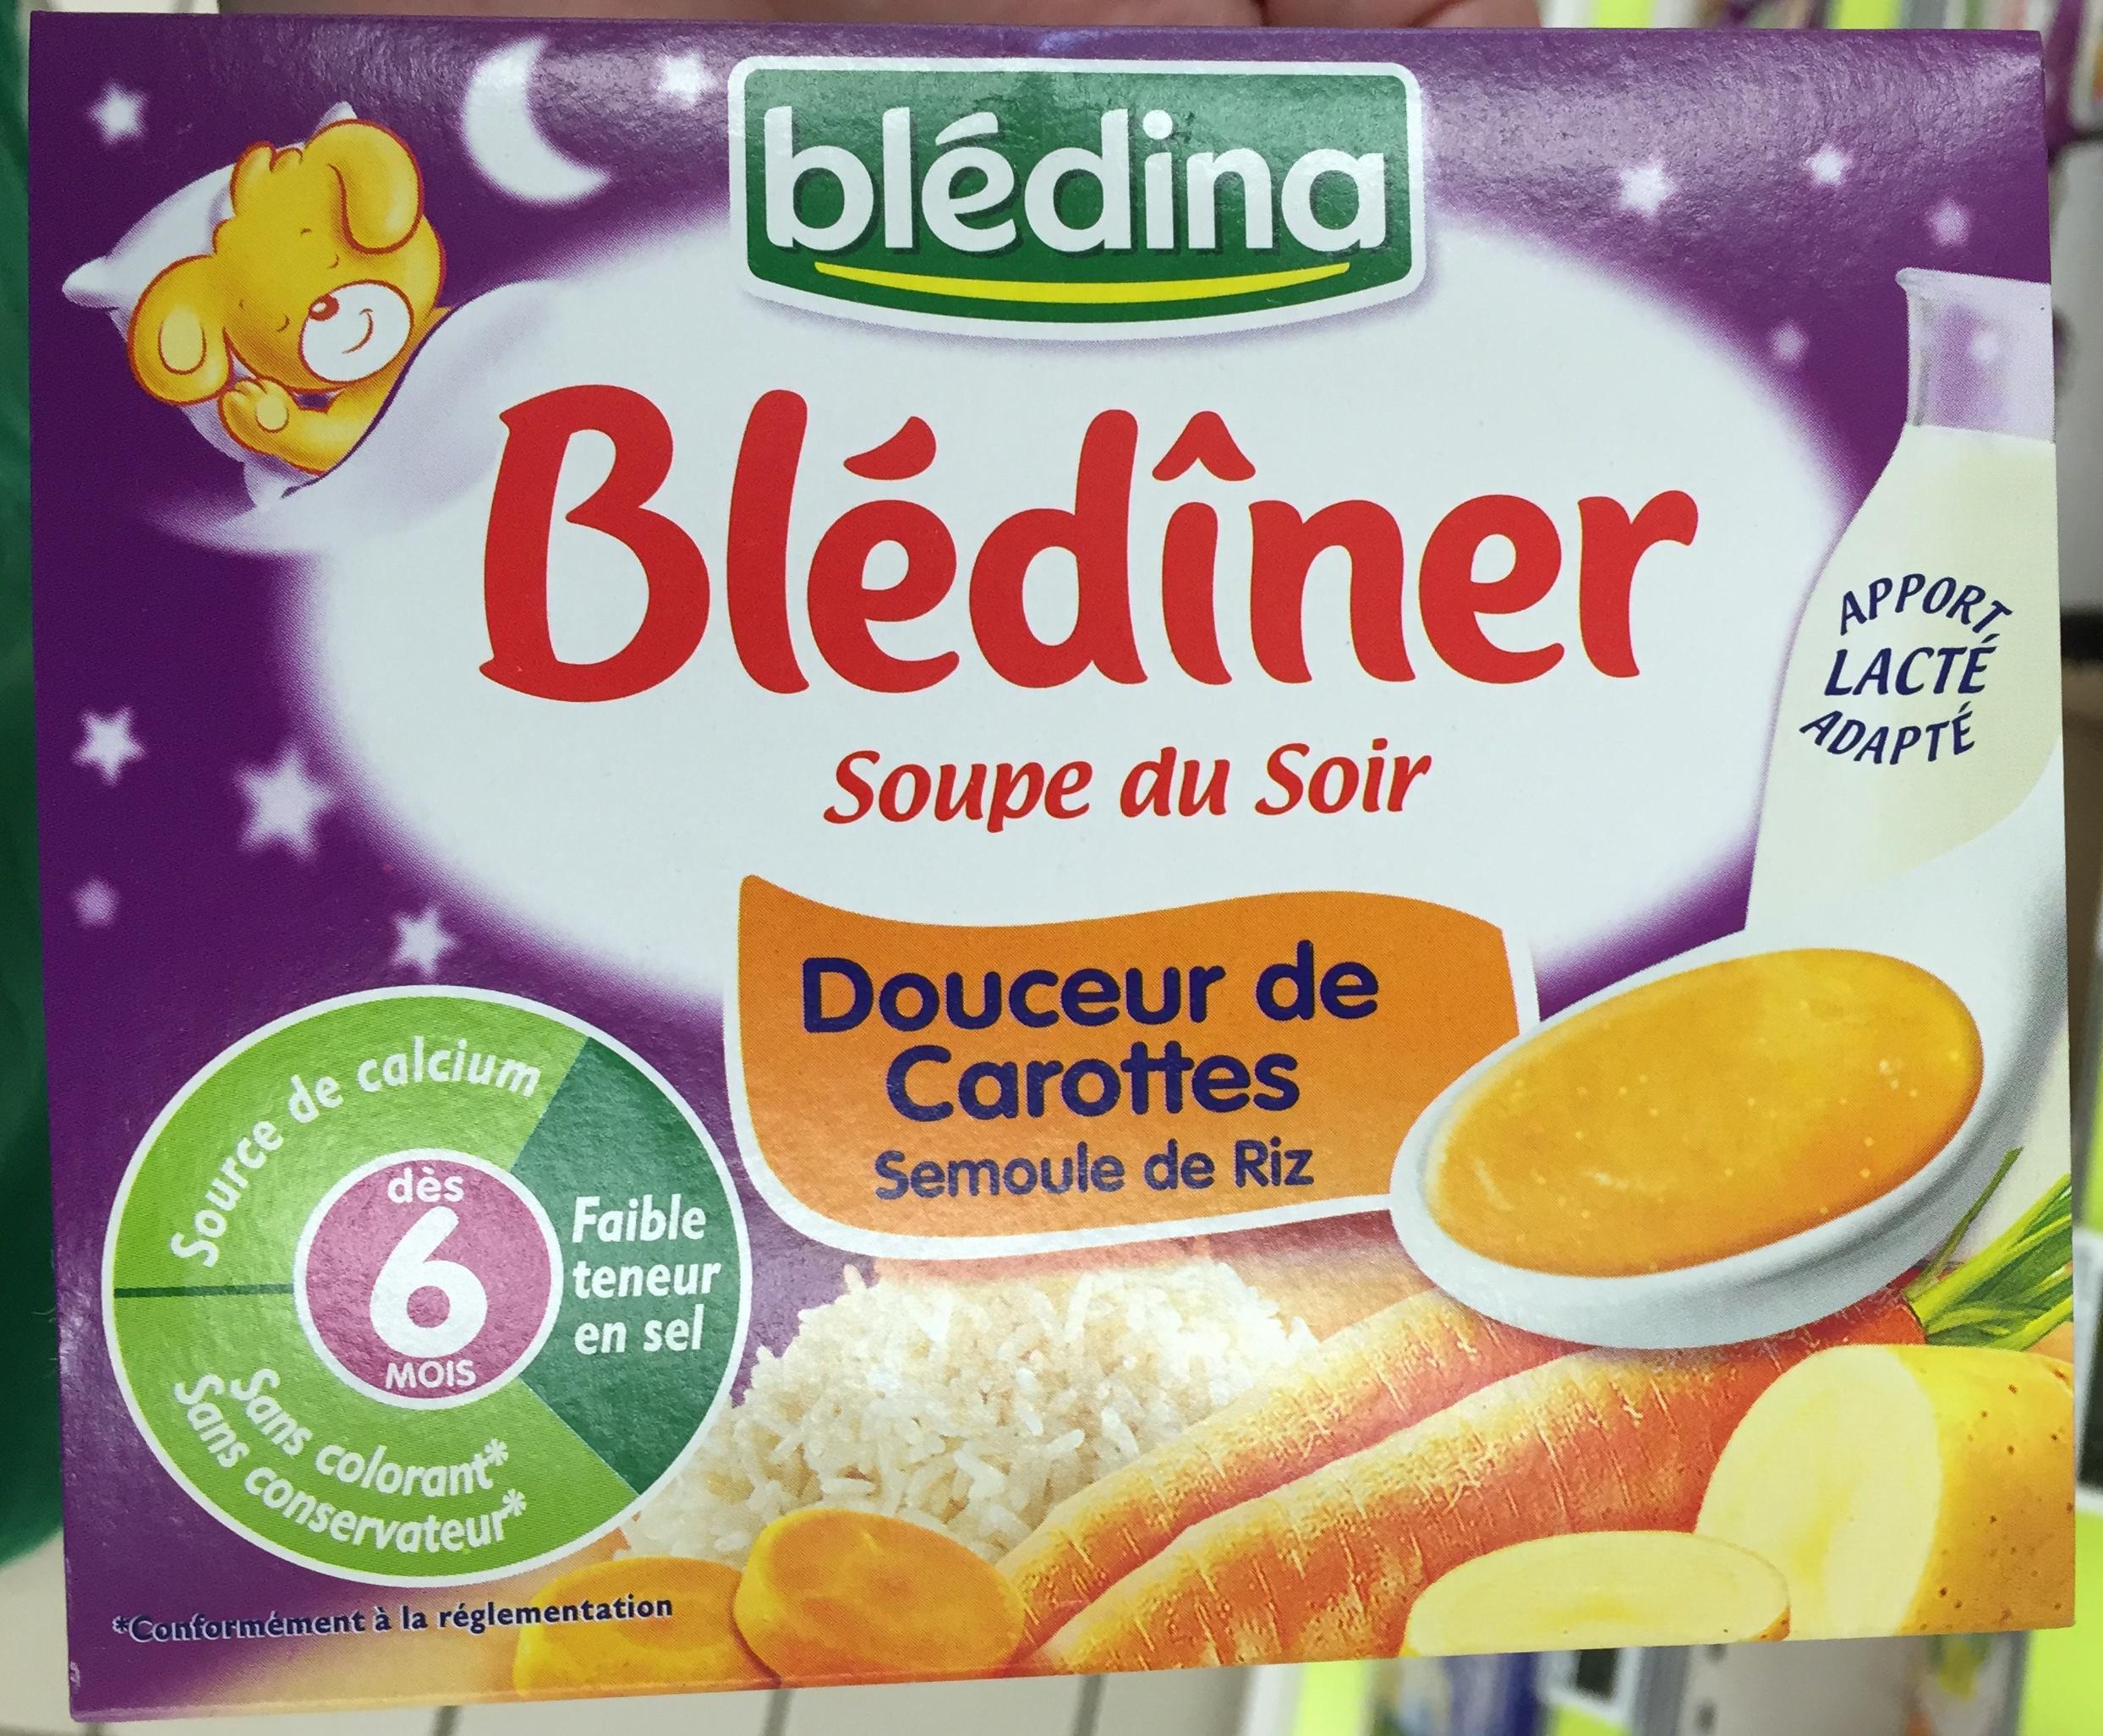 Blédîner Soupe Du Soir Douceur De Carottes Semoule De Riz encequiconcerne Brique Pour Bebe